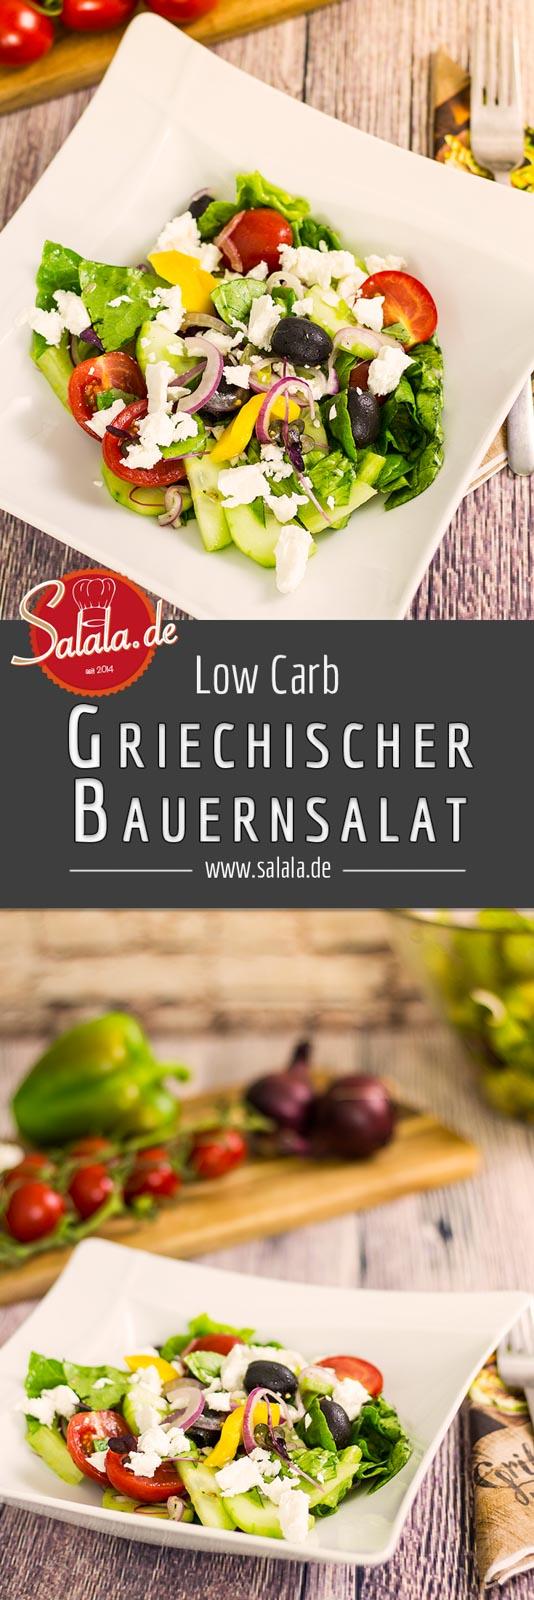 Griechischer Bauernsalat selber machen Rezept ohne Kohlenhydrate Low Carb mit Oliven #lowcarb #zuckerfrei #salat